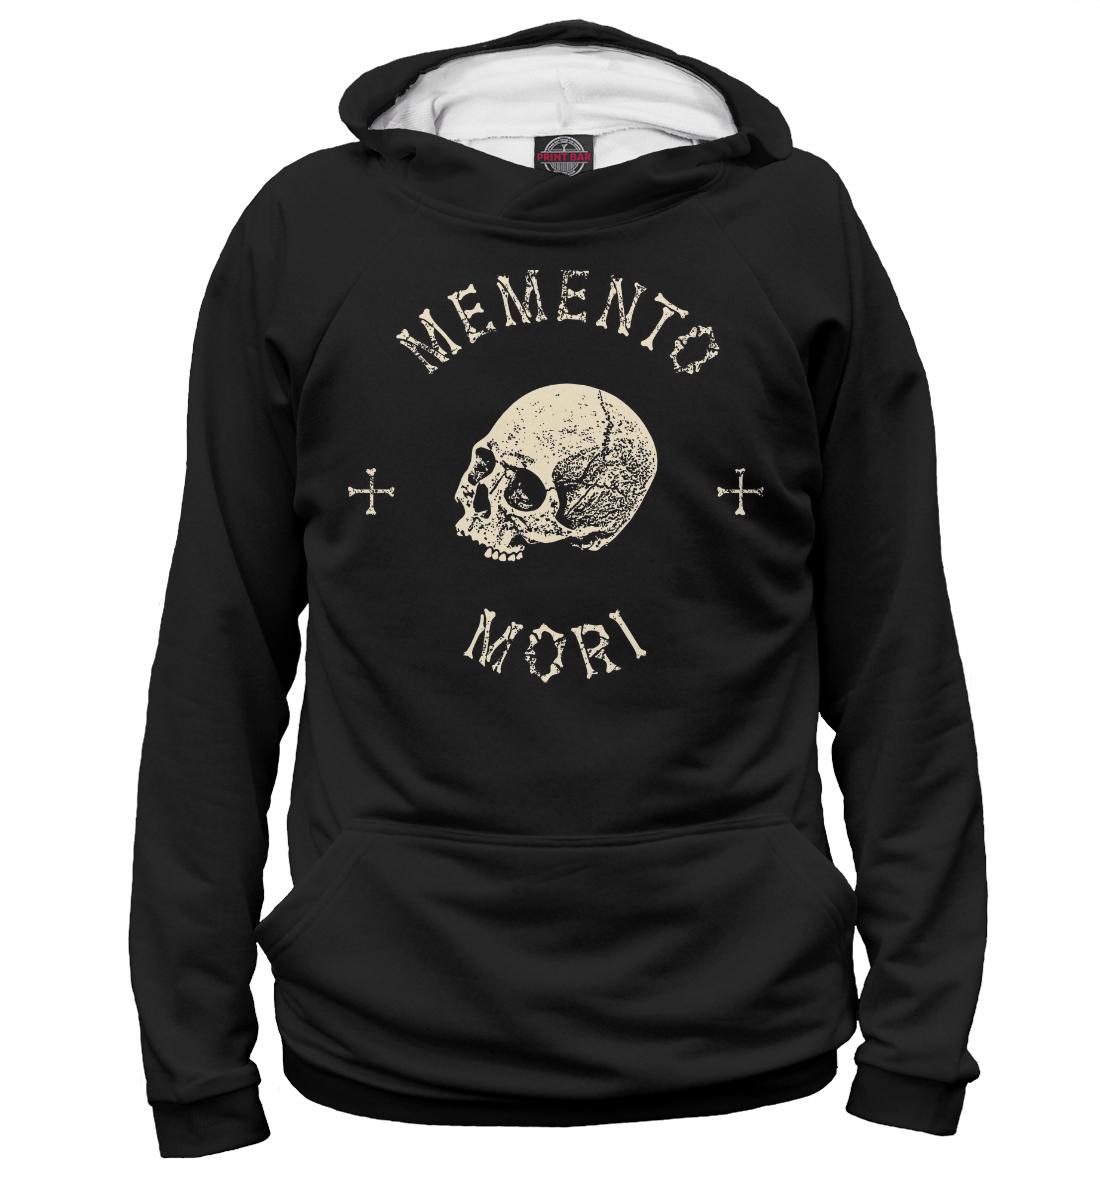 Купить Memento mori, Printbar, Худи, SKU-538470-hud-2